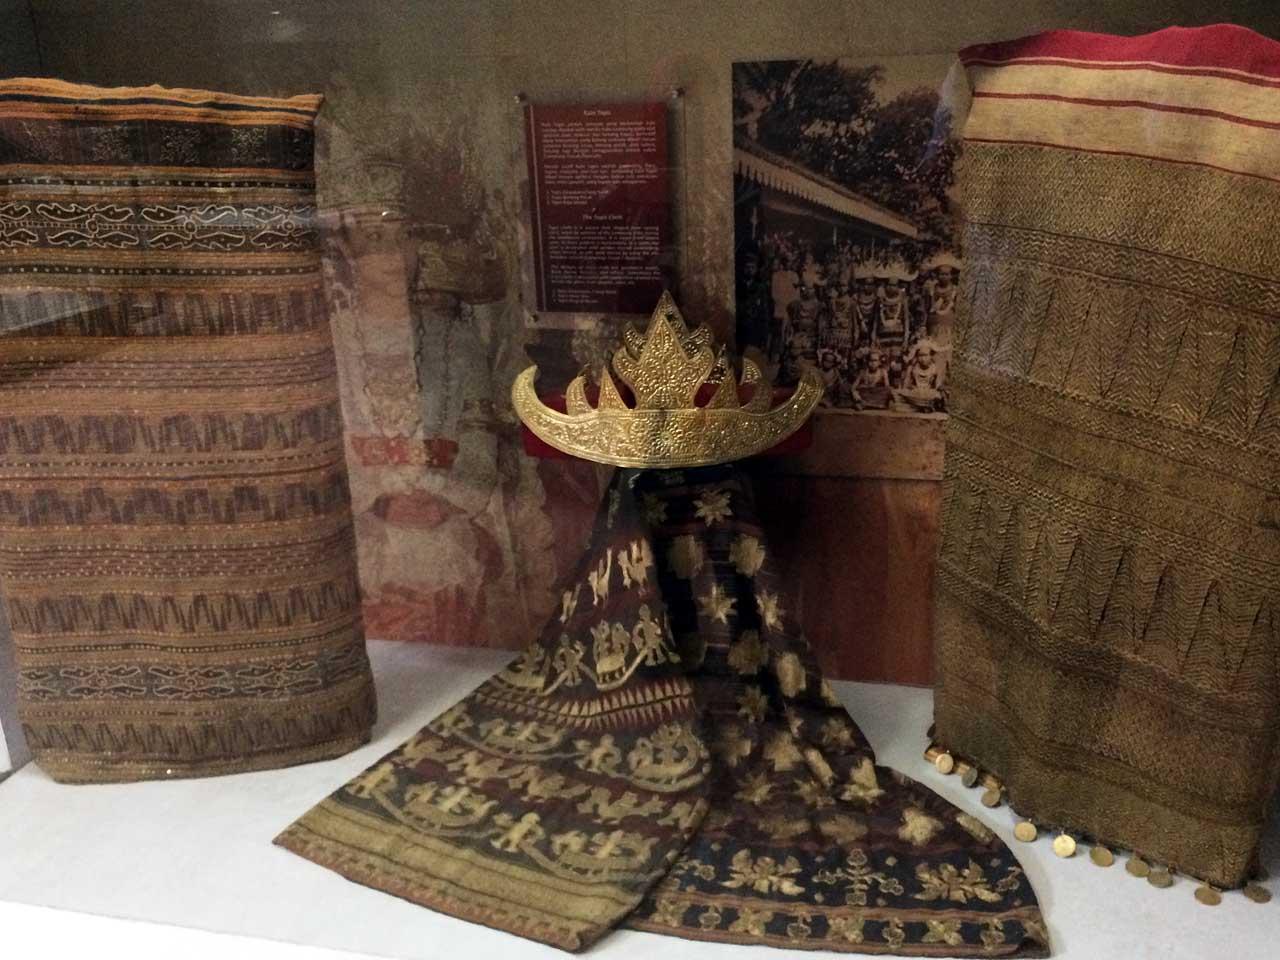 Koleksi Museum Lampung - Yopie Pangkey - 4